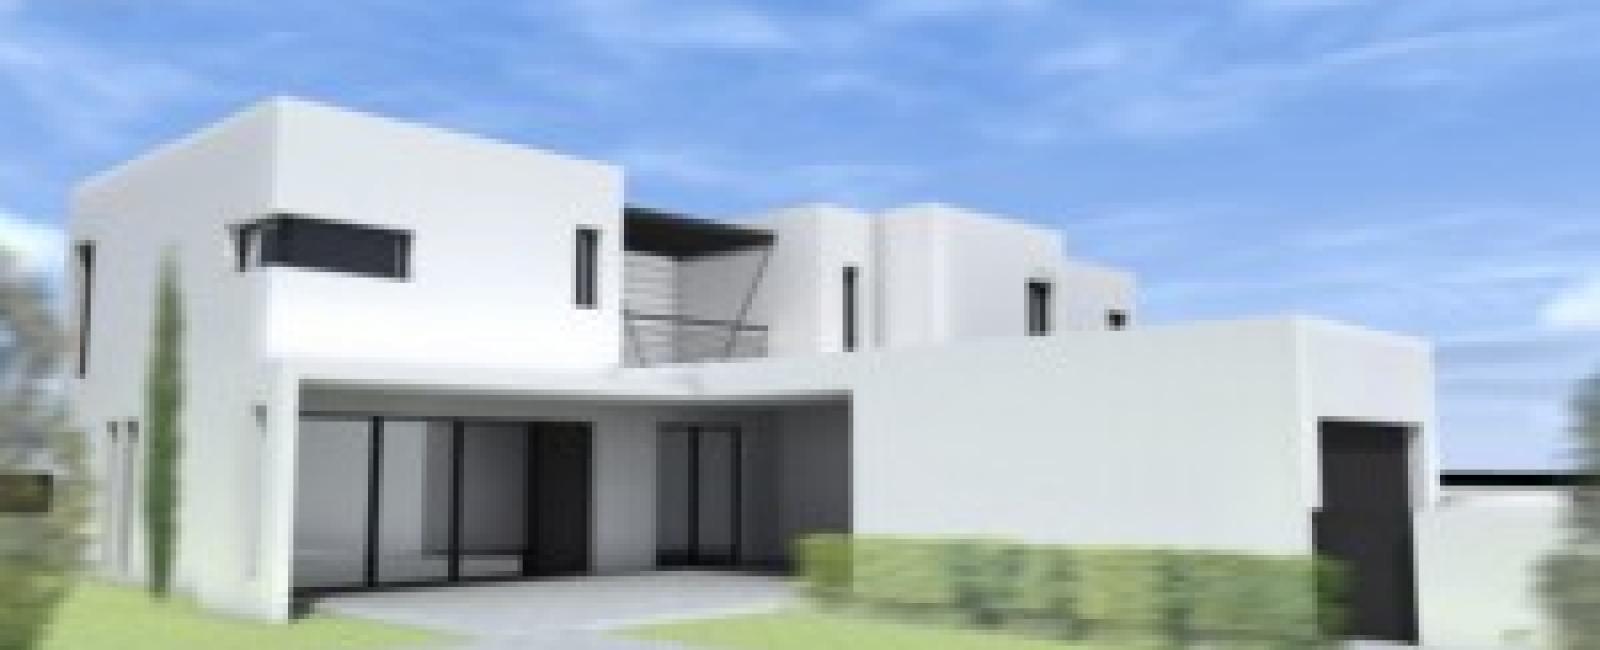 Maison en bande (habitat groupé)